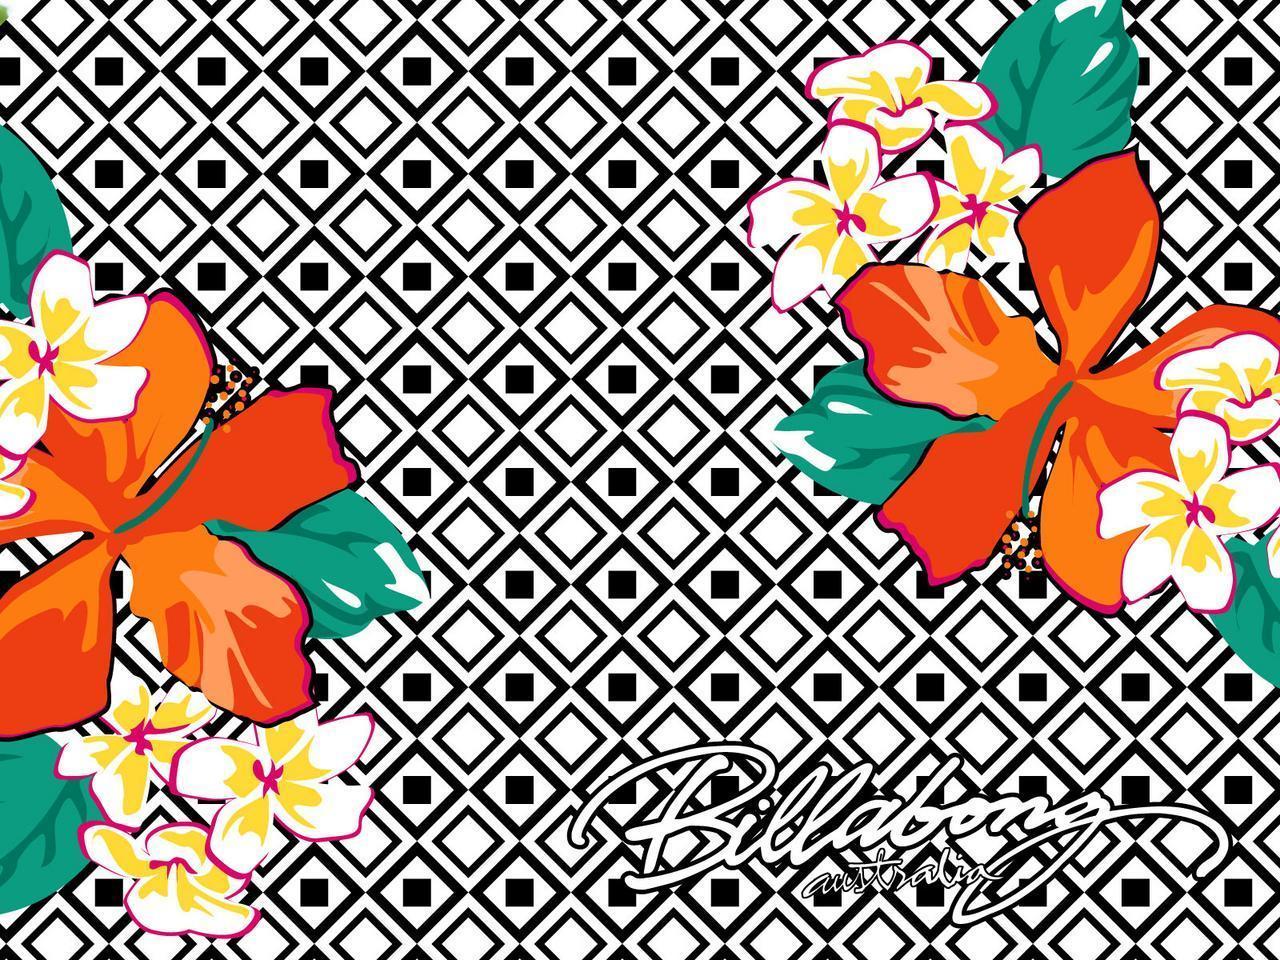 Billabong   Billabong Wallpaper 2282026 1280x960